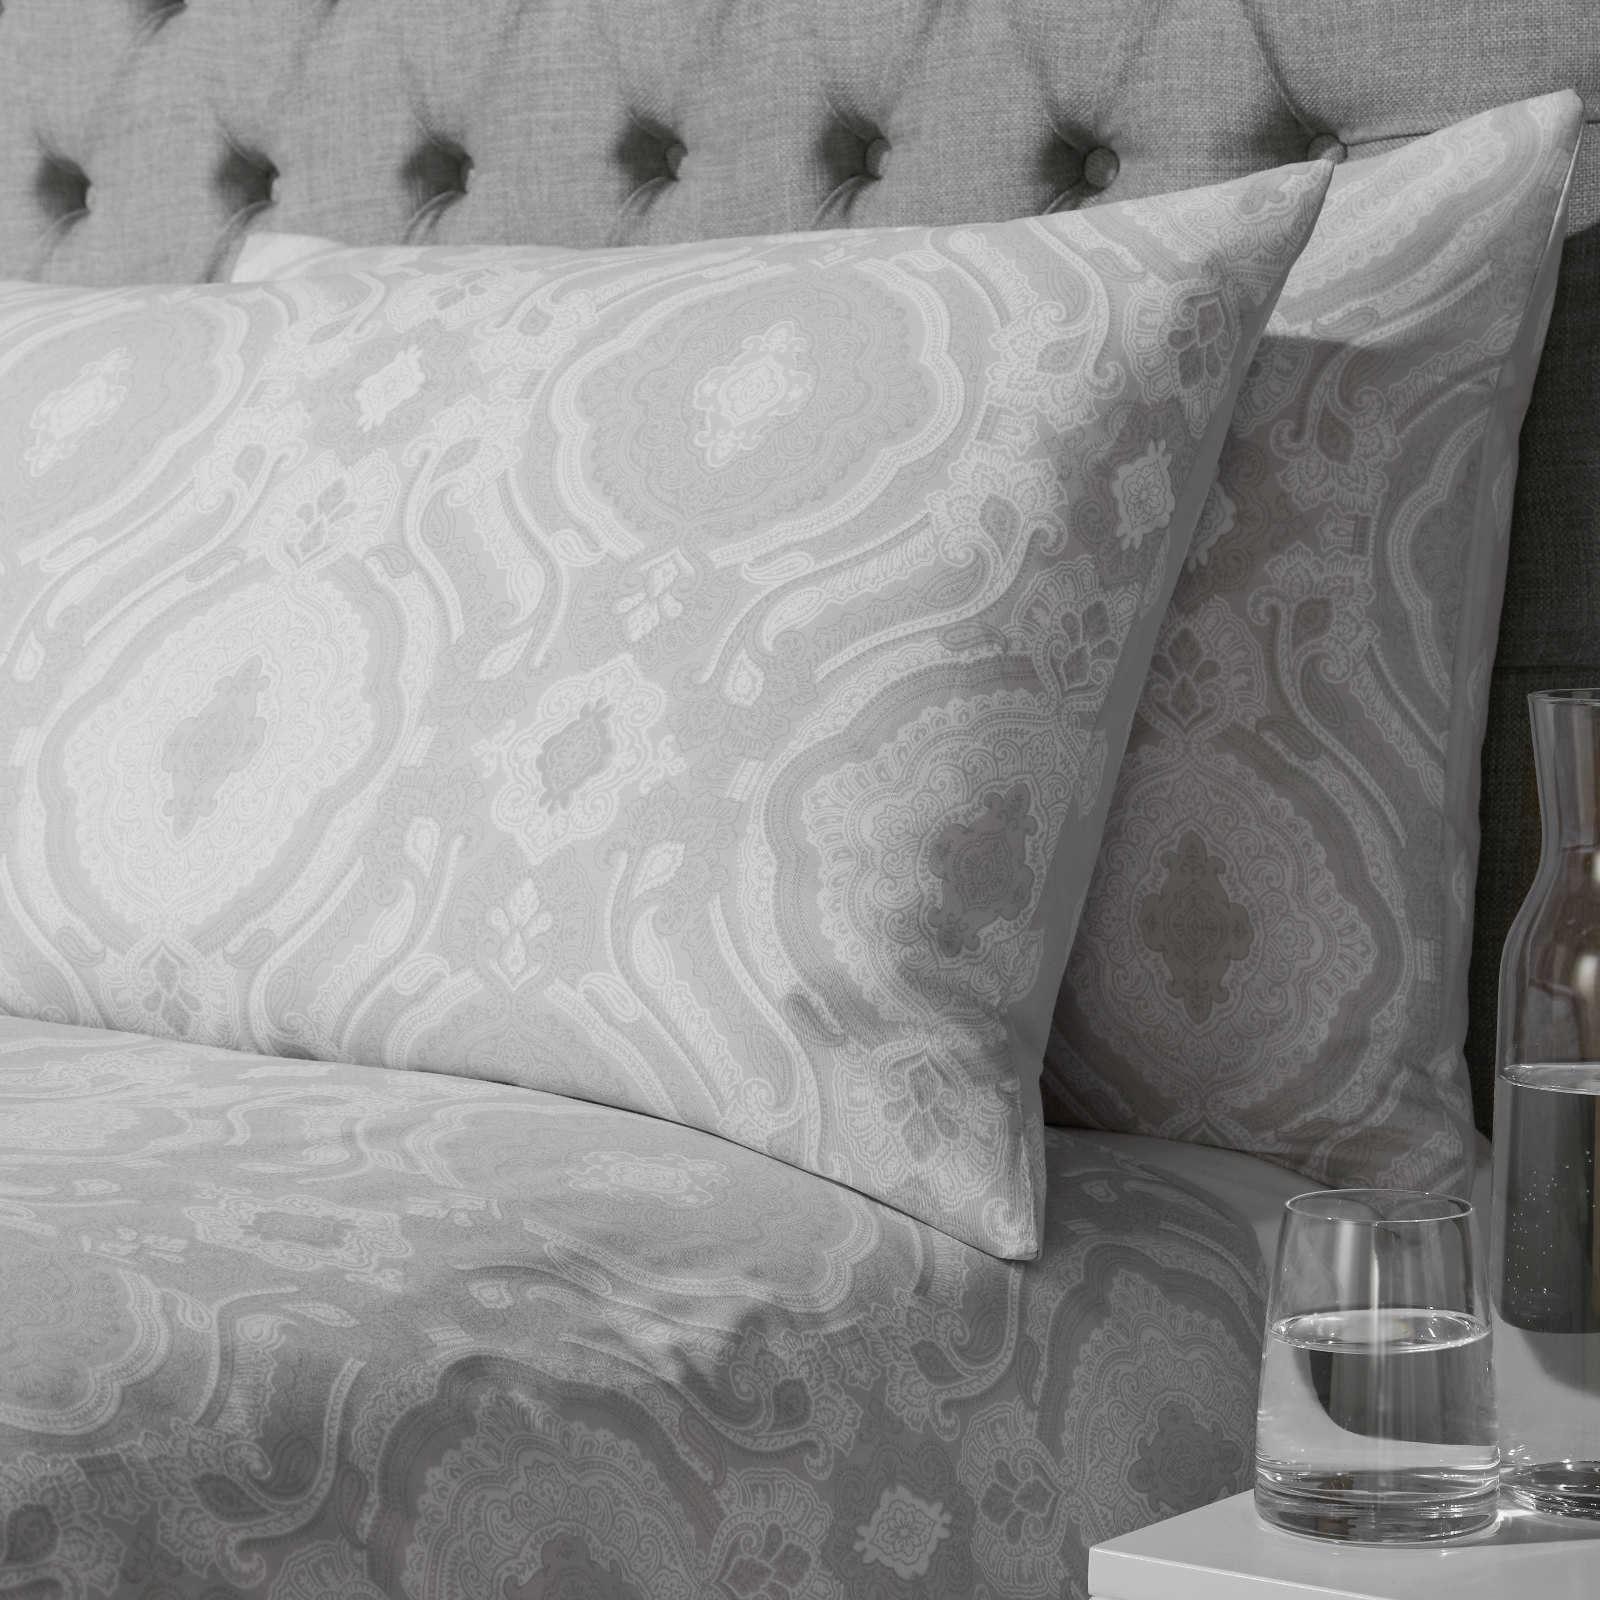 Grigio-Argento-Copripiumino-Stampato-Jacquard-Quilt-Set-Set-di-biancheria-da-letto-copre miniatura 4